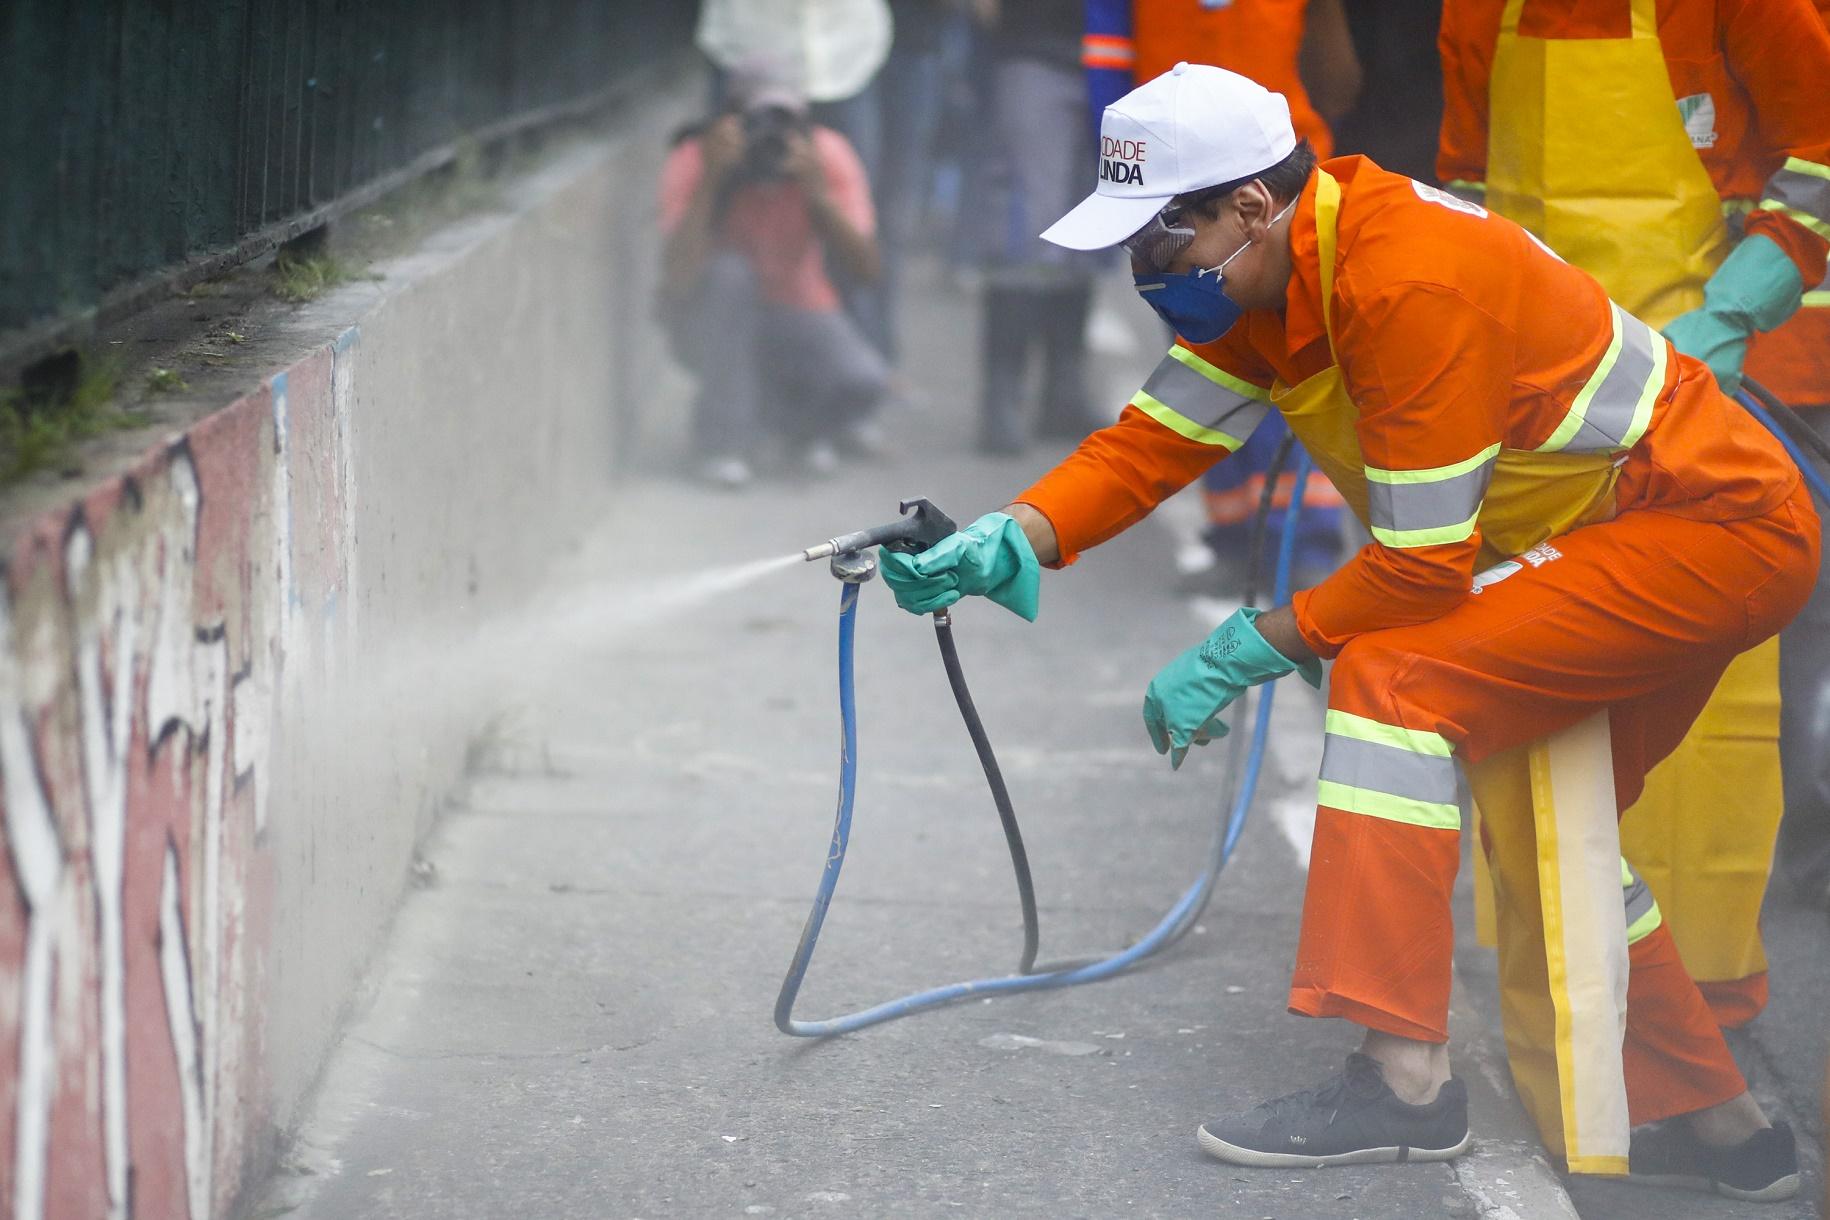 O prefeito João Dória apaga, pessoalmente, parte dos grafites da Avenida 23 de maio , em São Paulo. Foto de Suamy Beydoun/AGIF